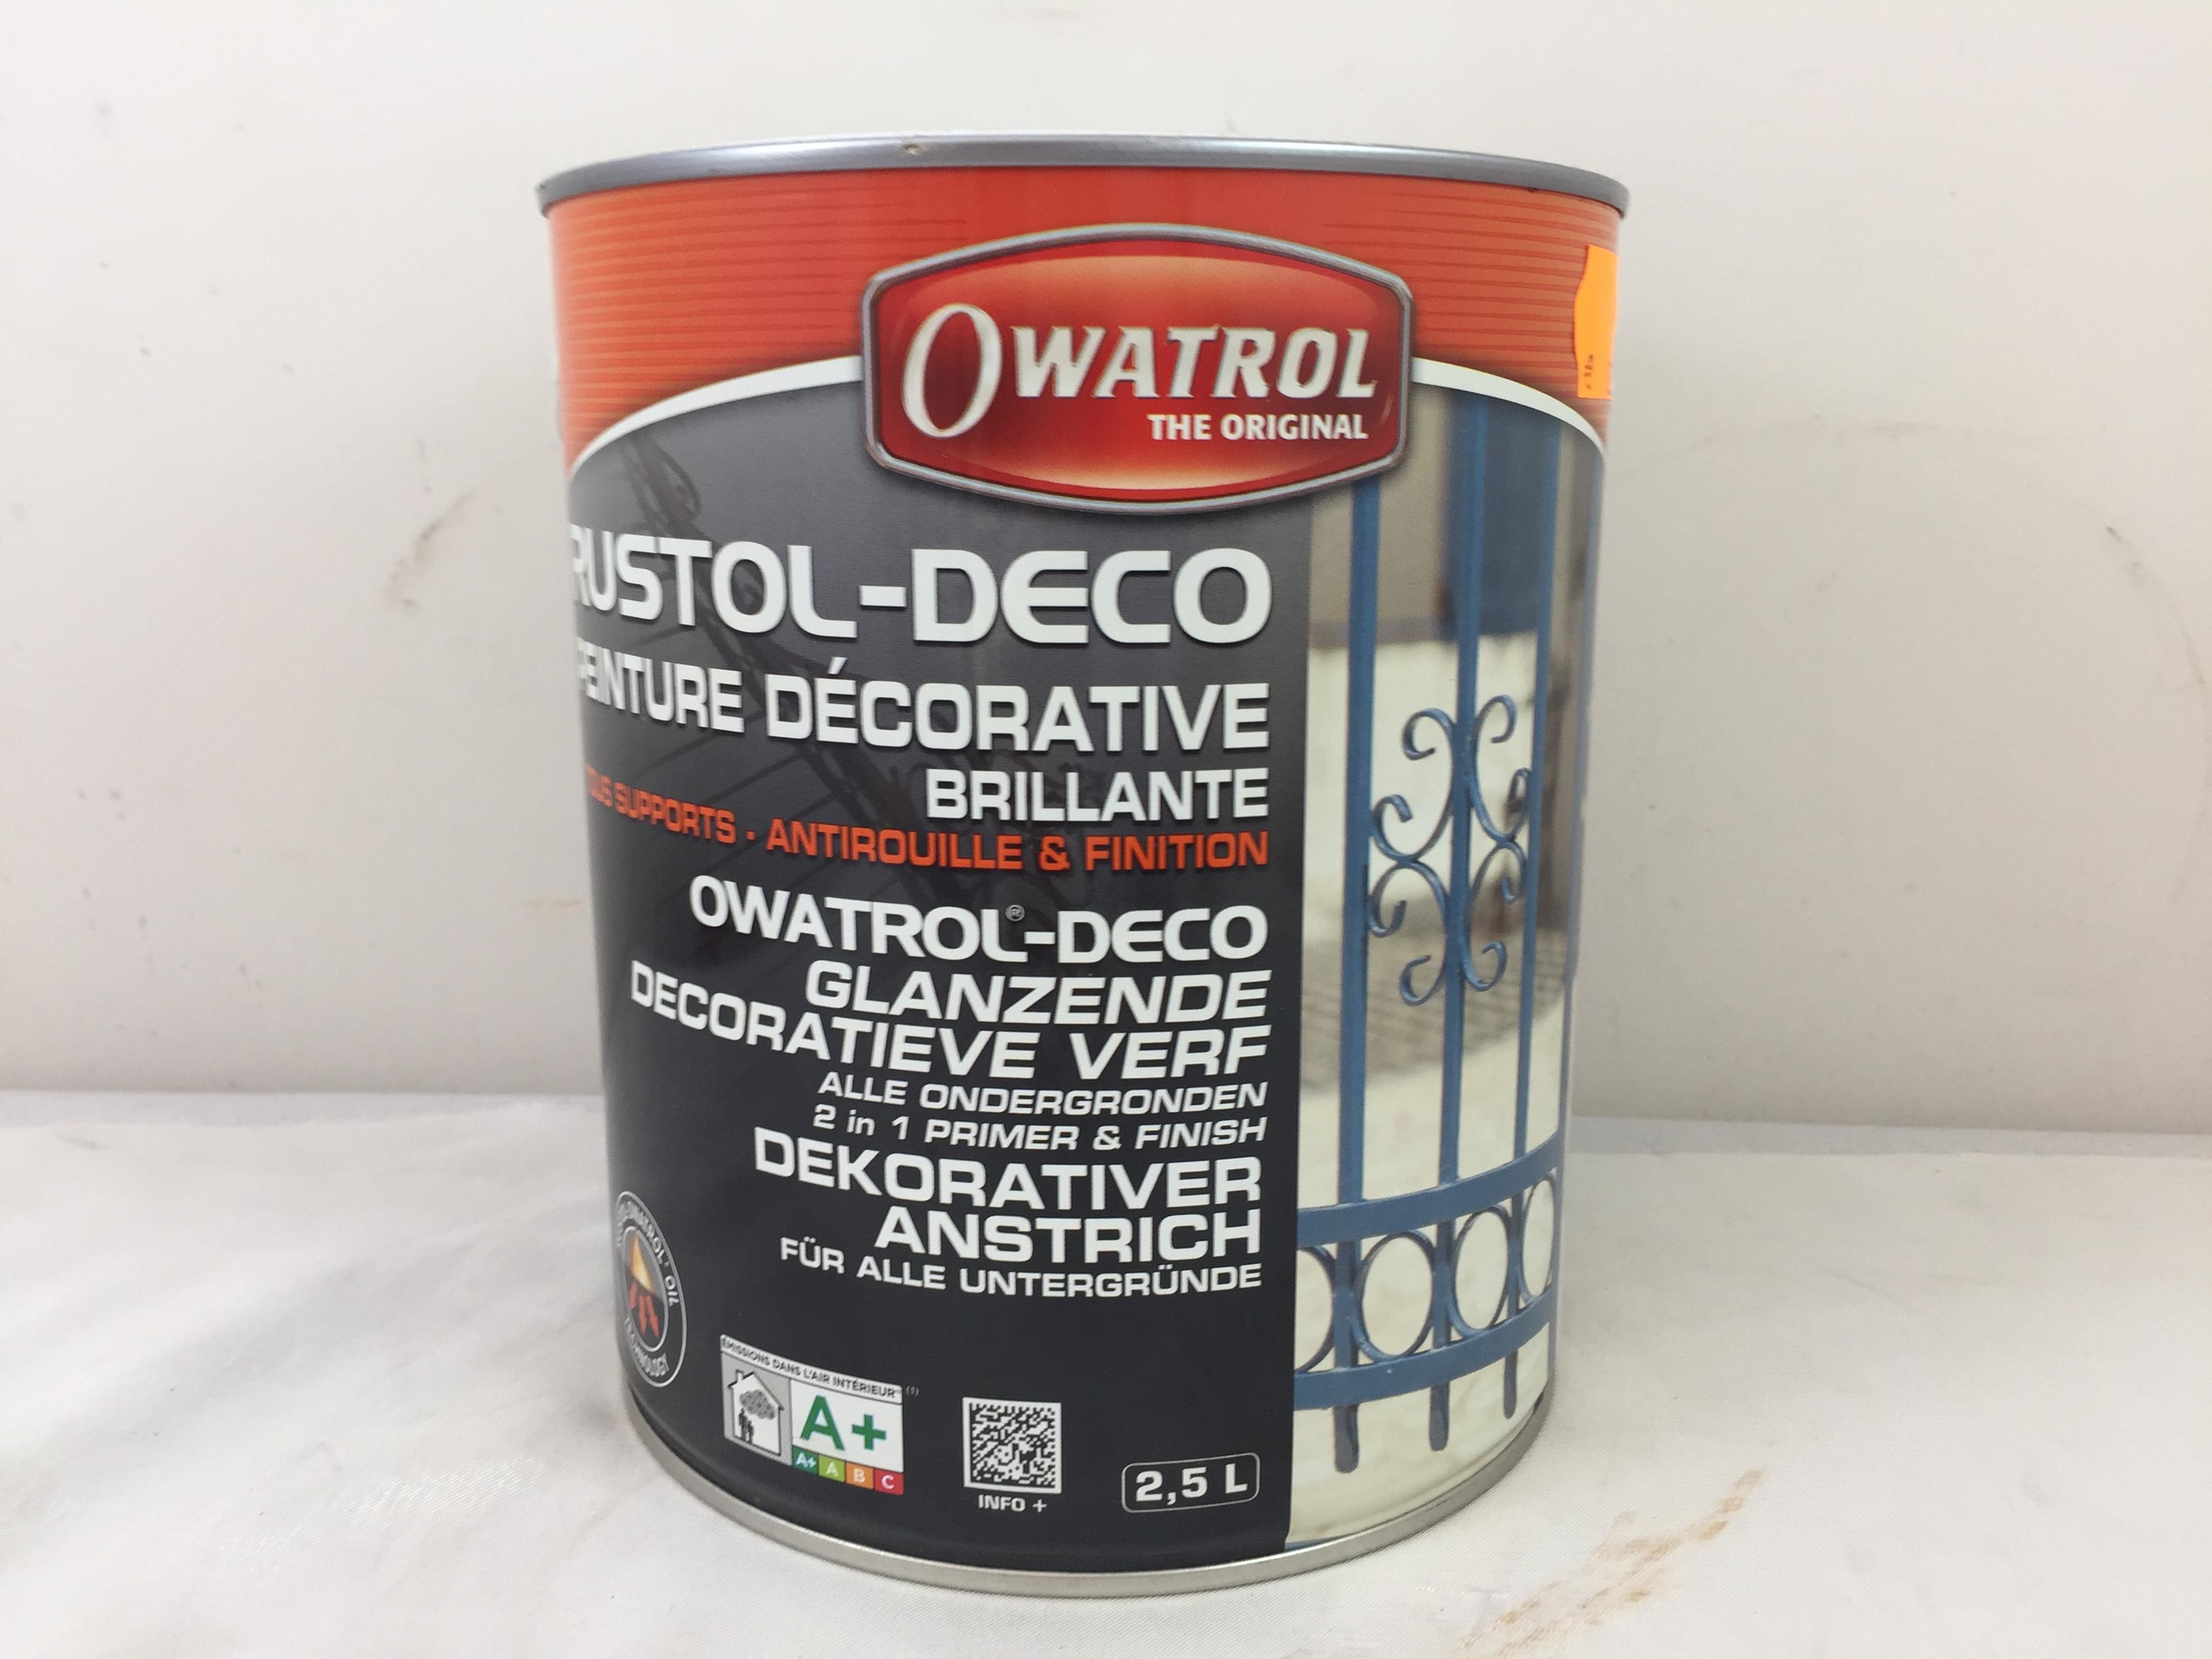 Rustol Deco Peinture Fer Antirouille Et Finition 25l Owatrol Blanc